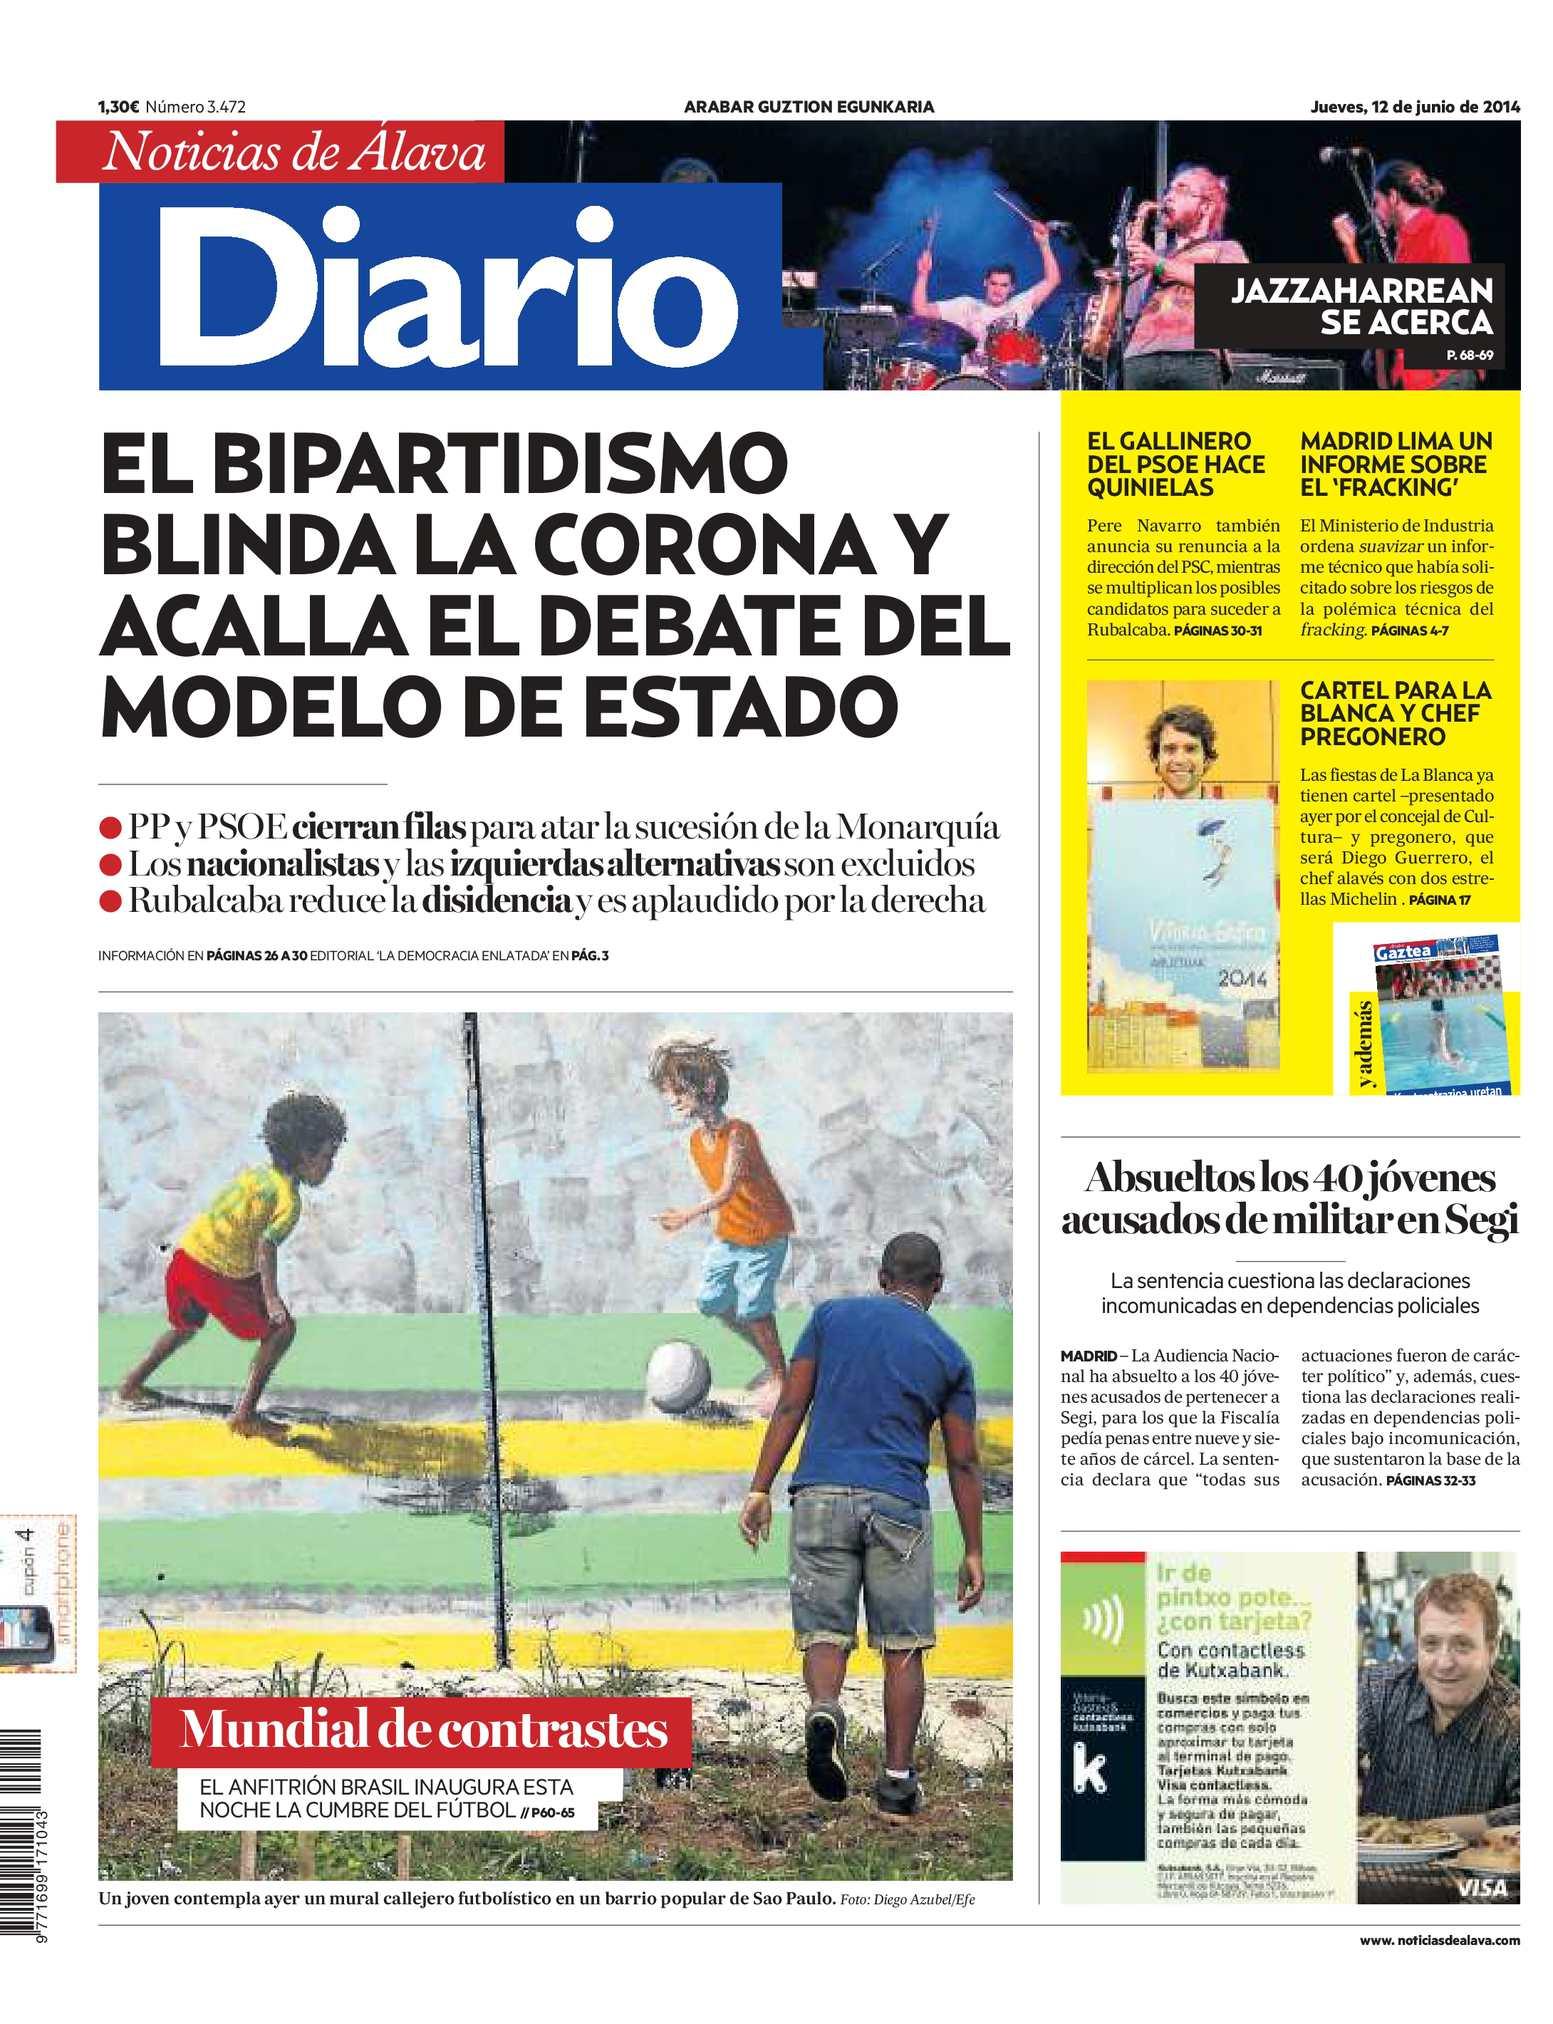 Calaméo - Diario de Noticias de Álava 20140612 4a9a15fb90c21